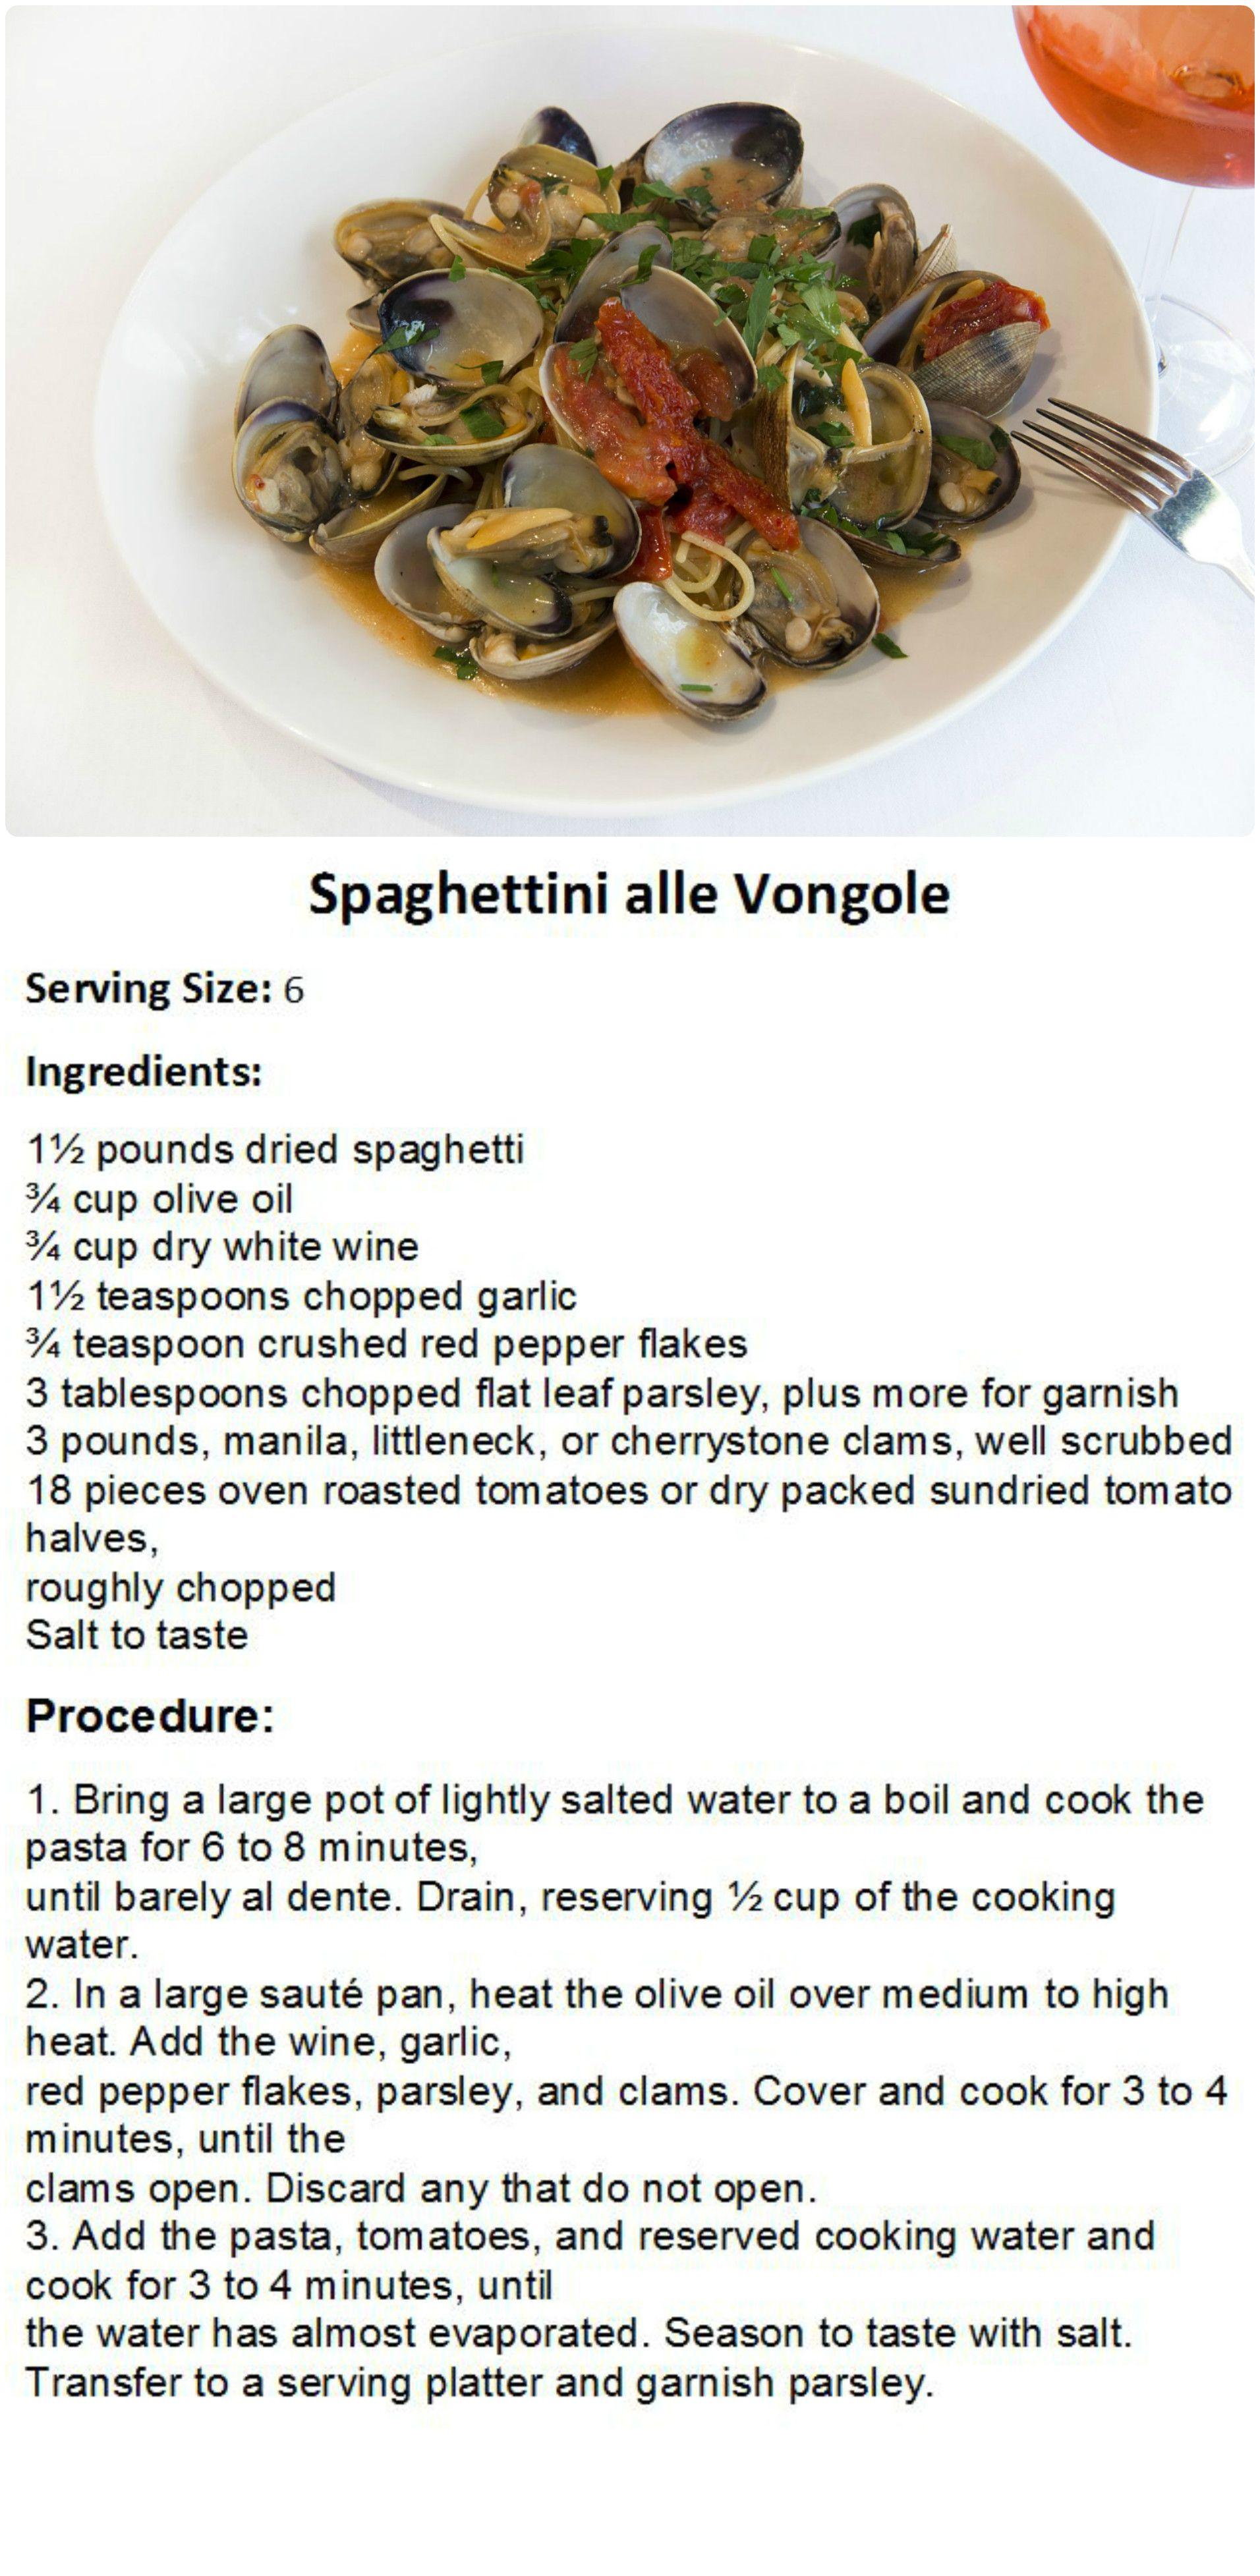 Scotto Family Recipe: Spaghettini Alle Vongole